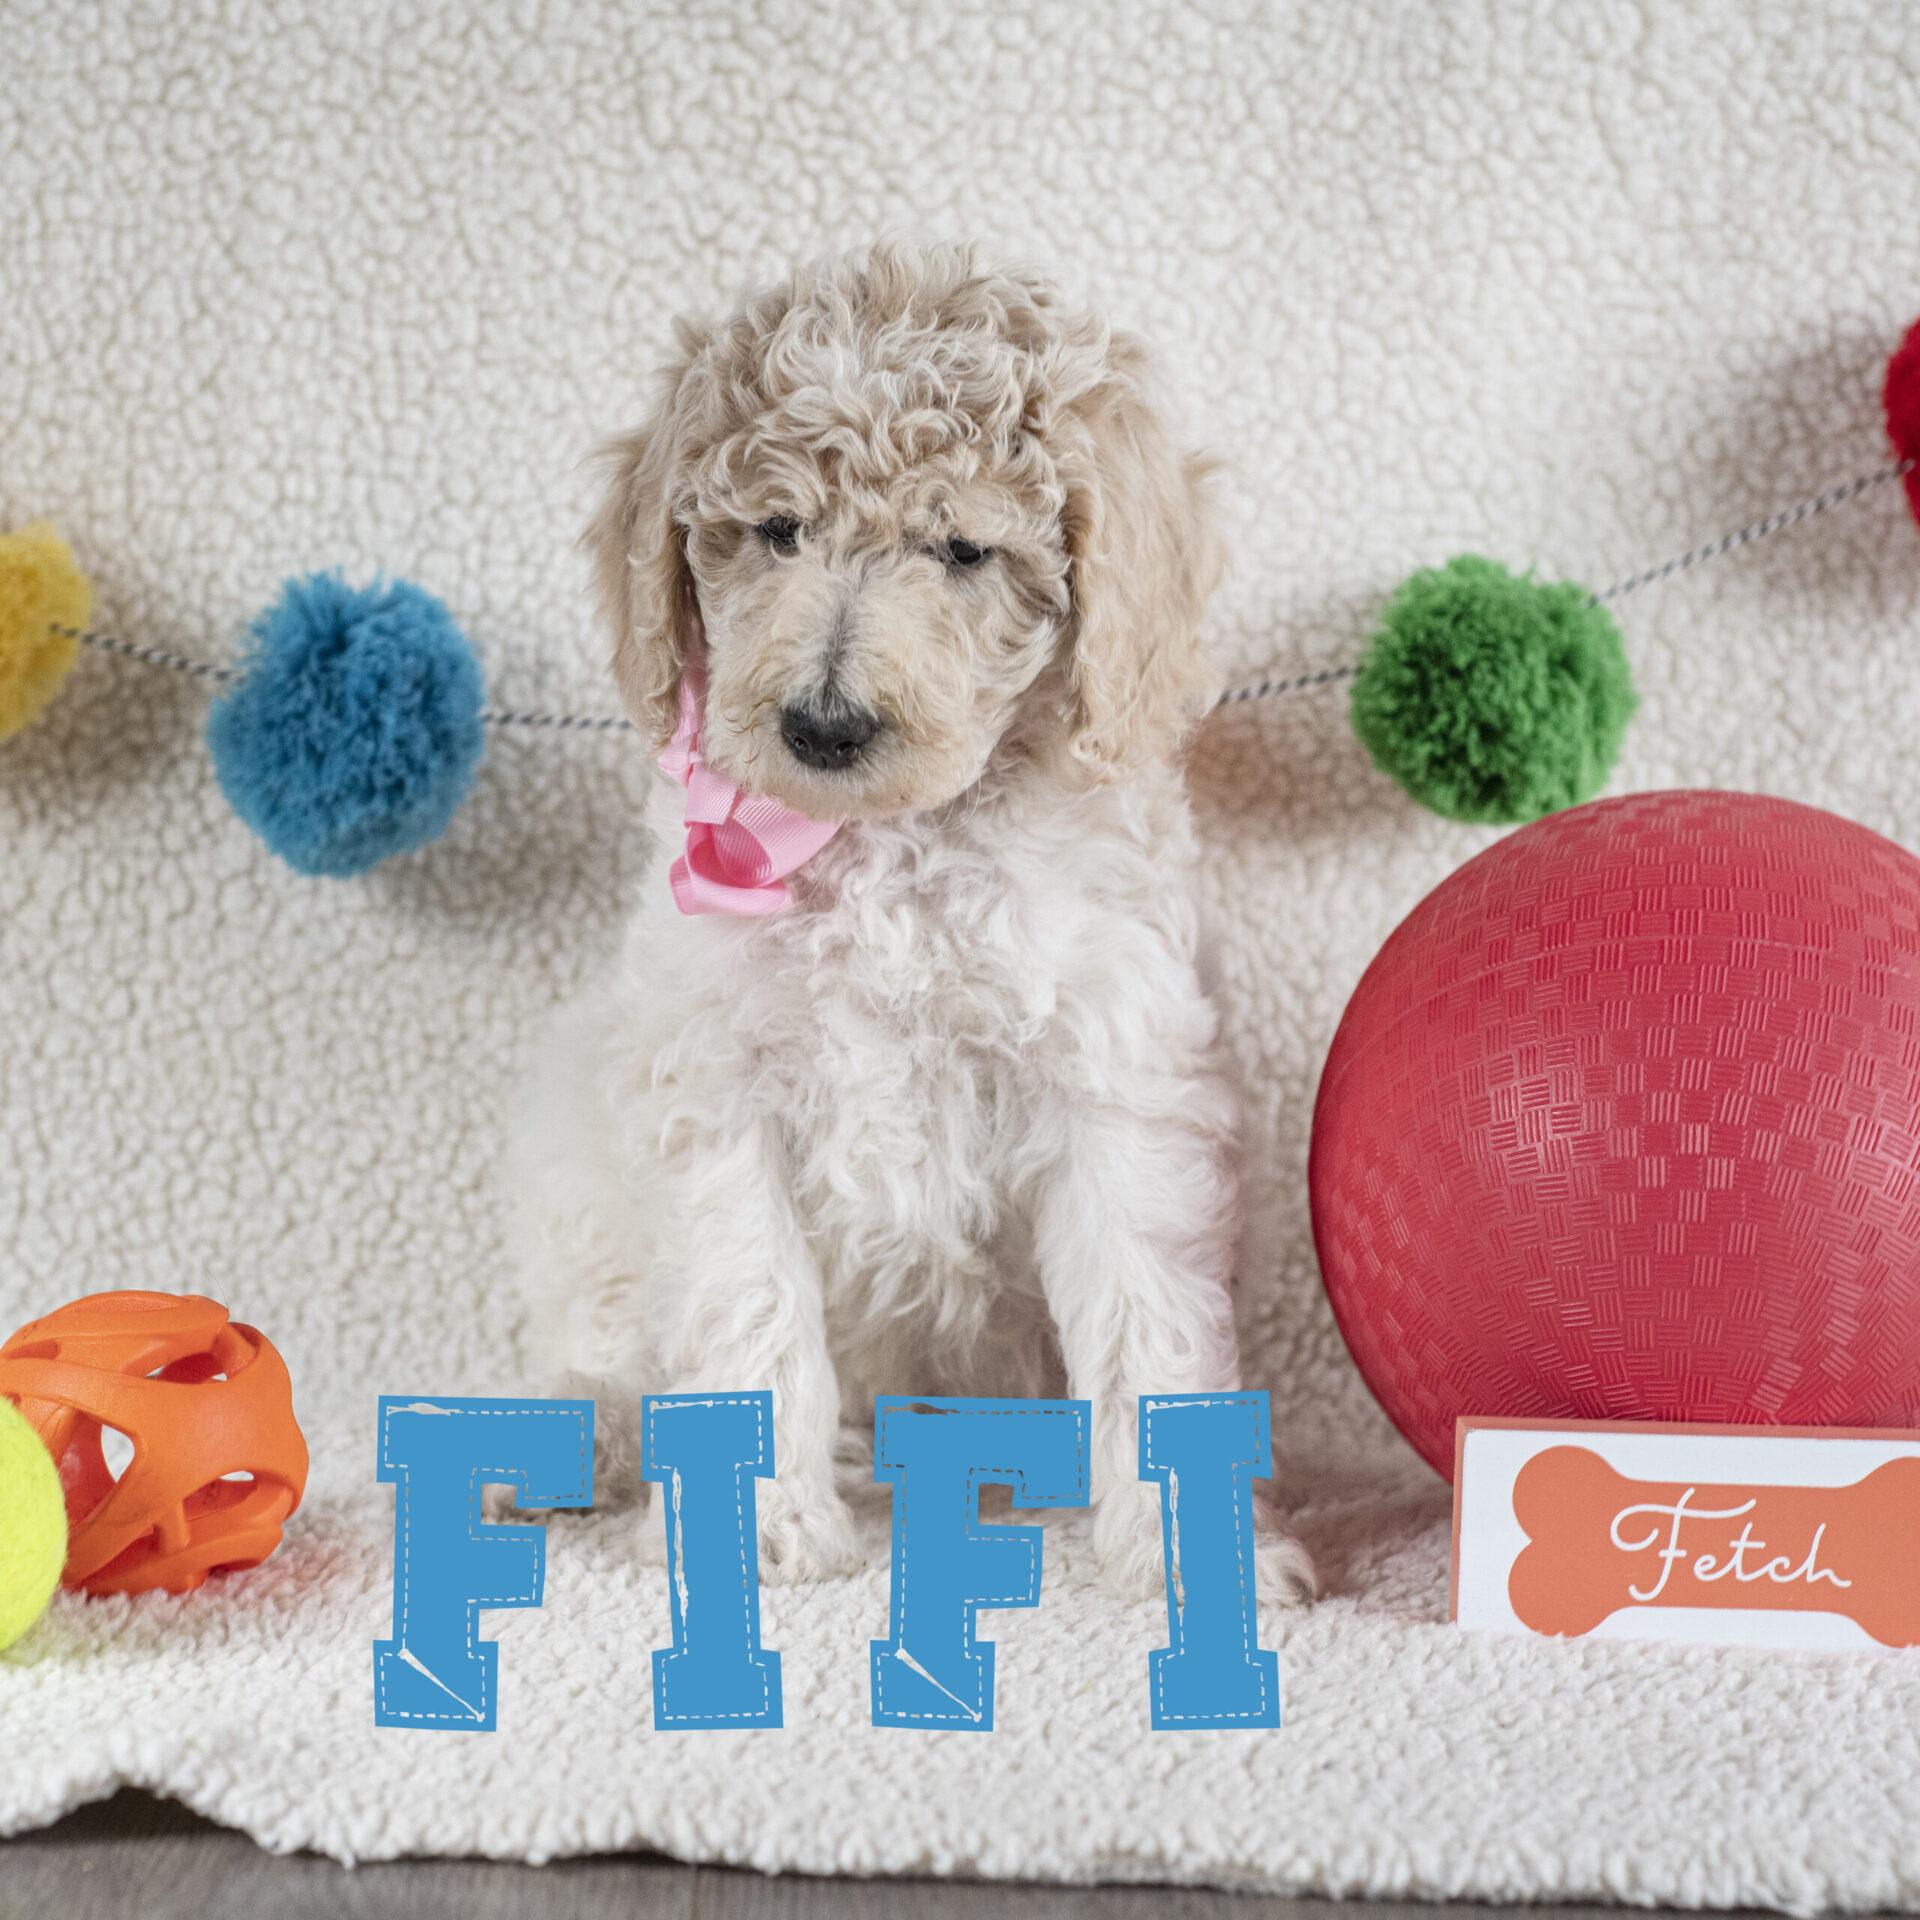 fifi2